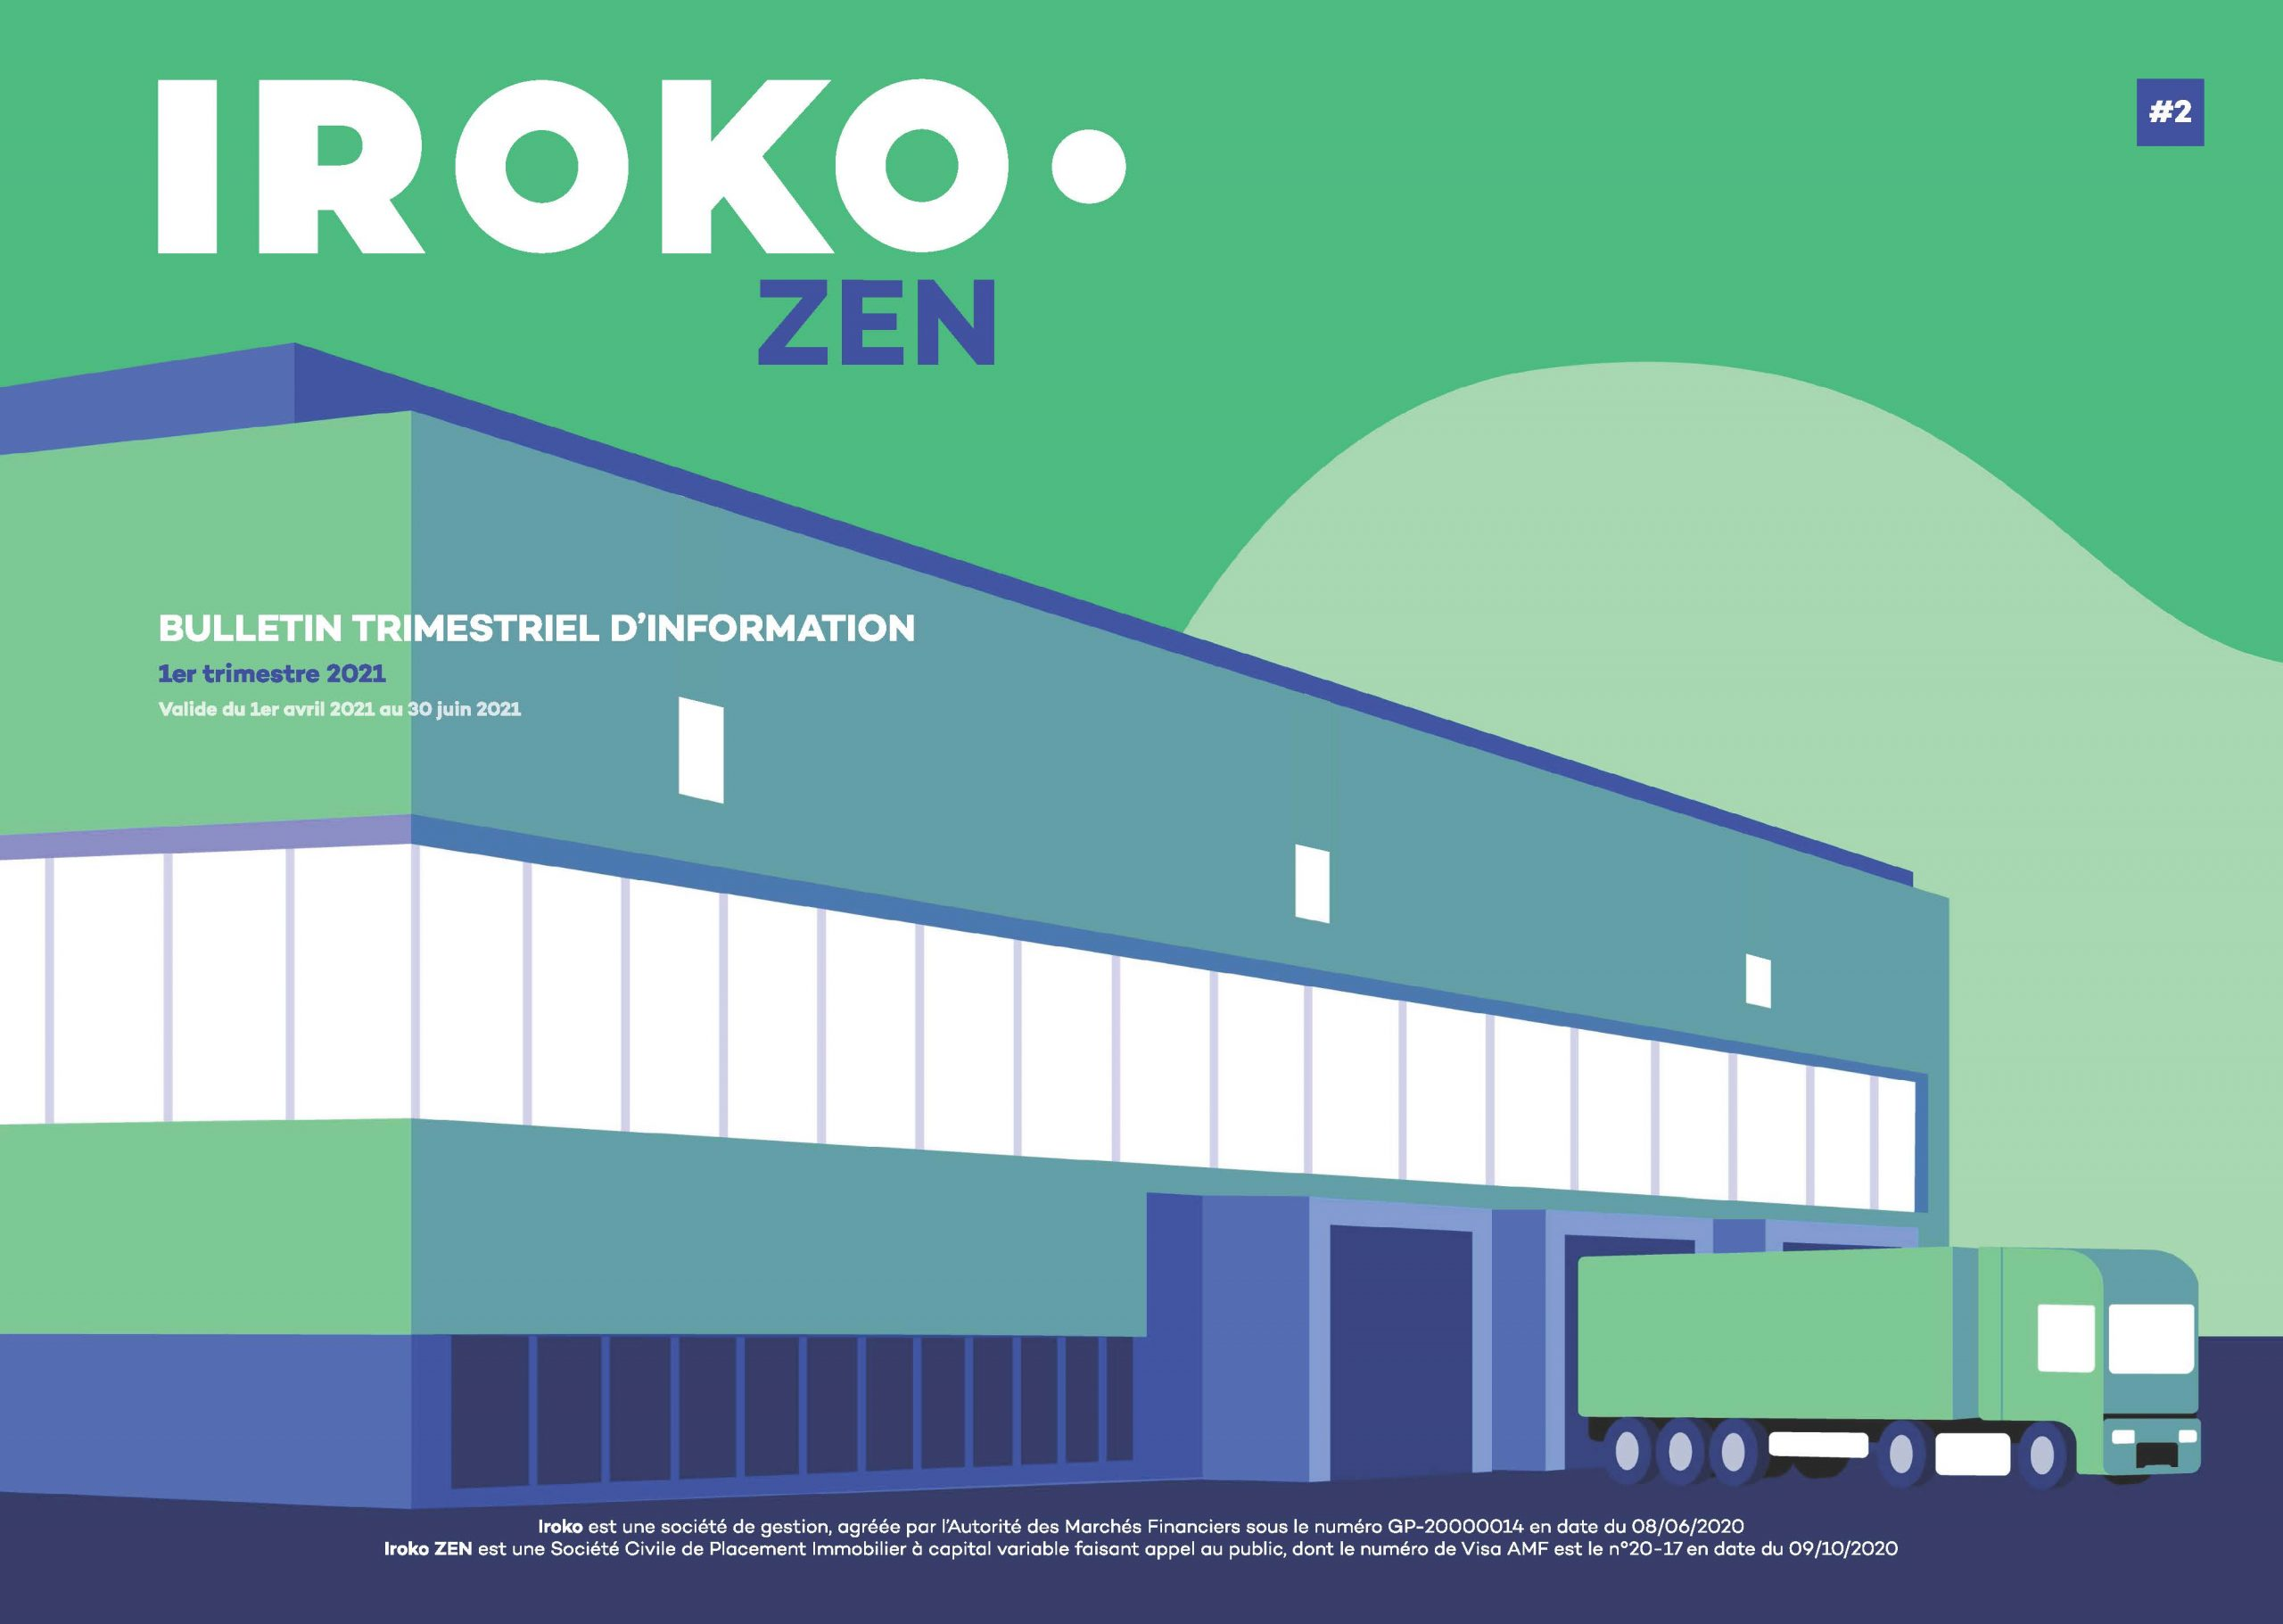 Iroko Zen